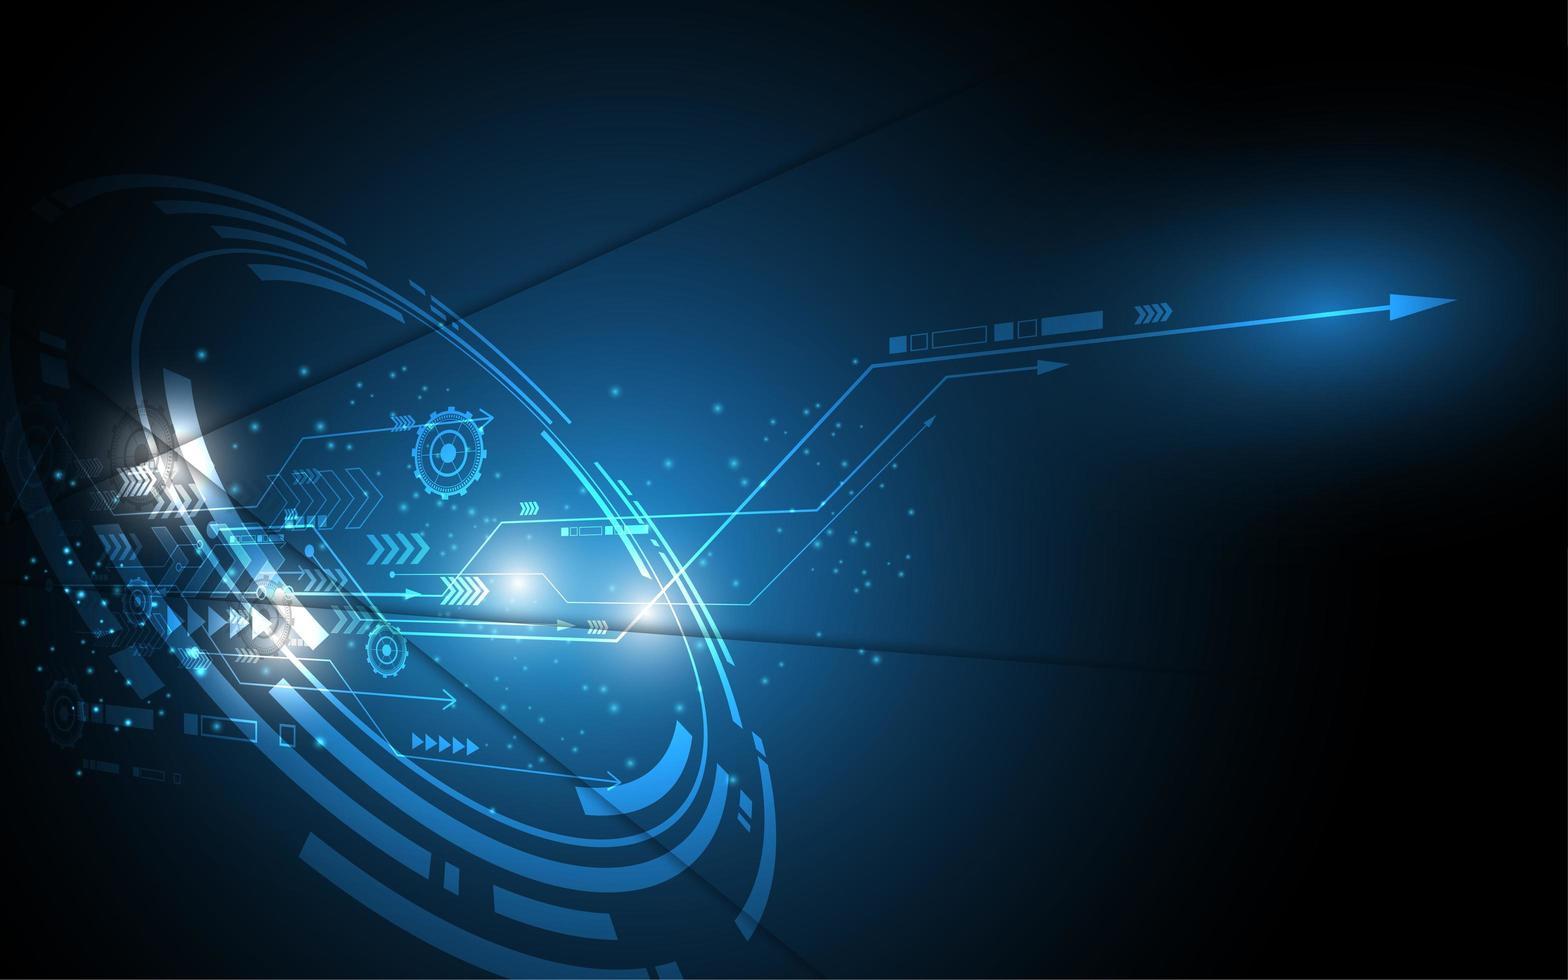 design de tecnologia brilhante azul hi-tech escuro vetor